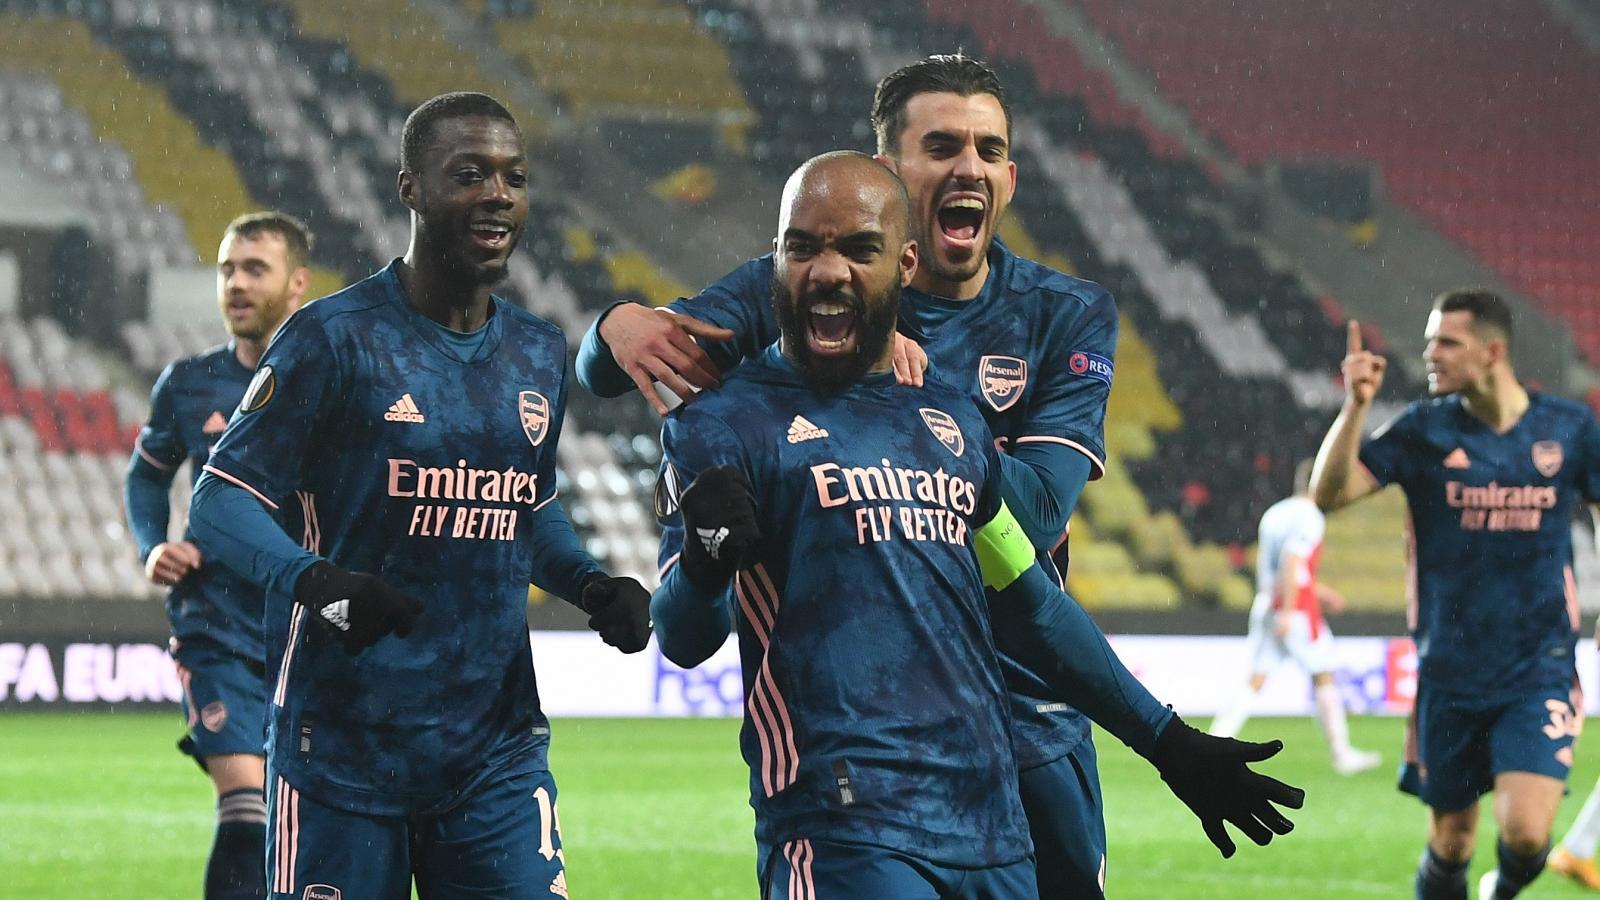 Lacazette festeja uno de sus dos tantos. Arsenal se floreó en Praga y accedió a semifinales. Foto: @Arsenal